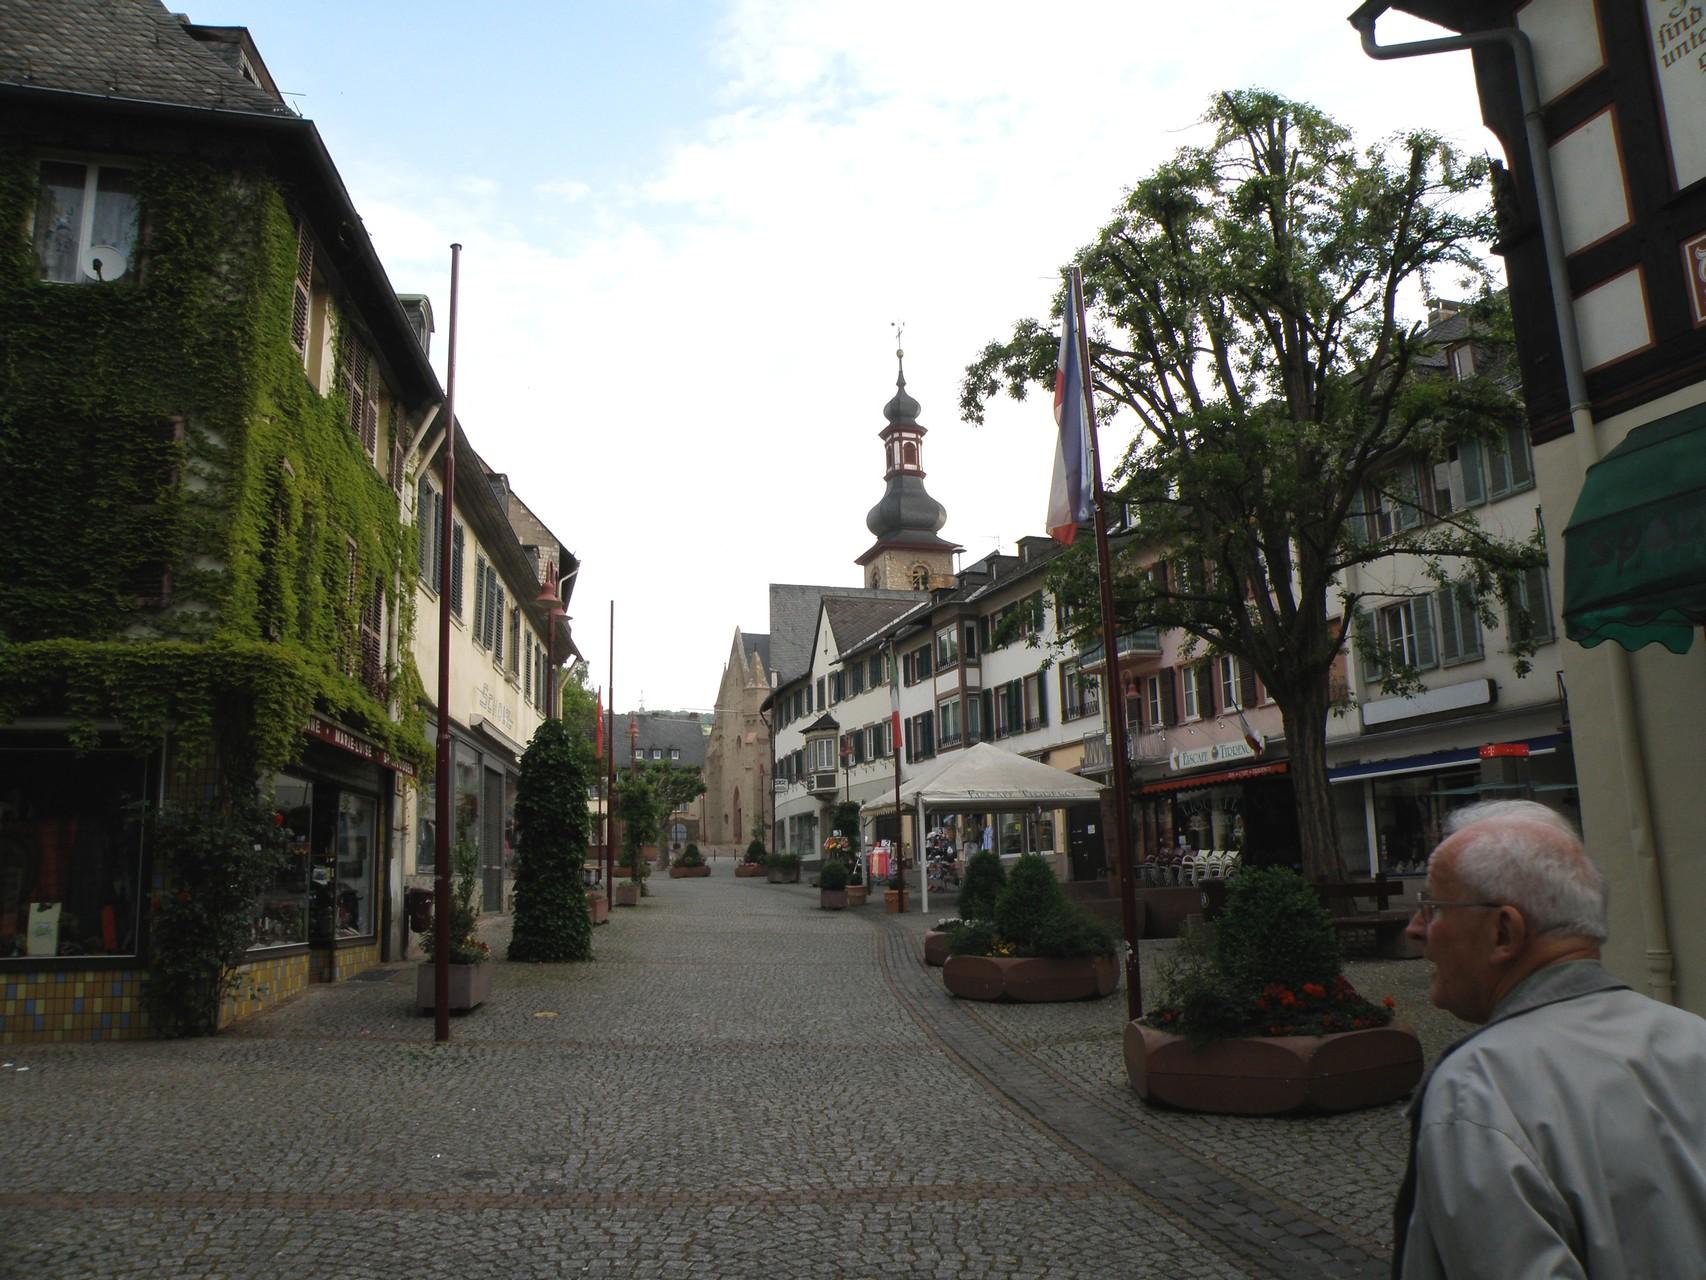 Reise nach Rüdesheim 2008